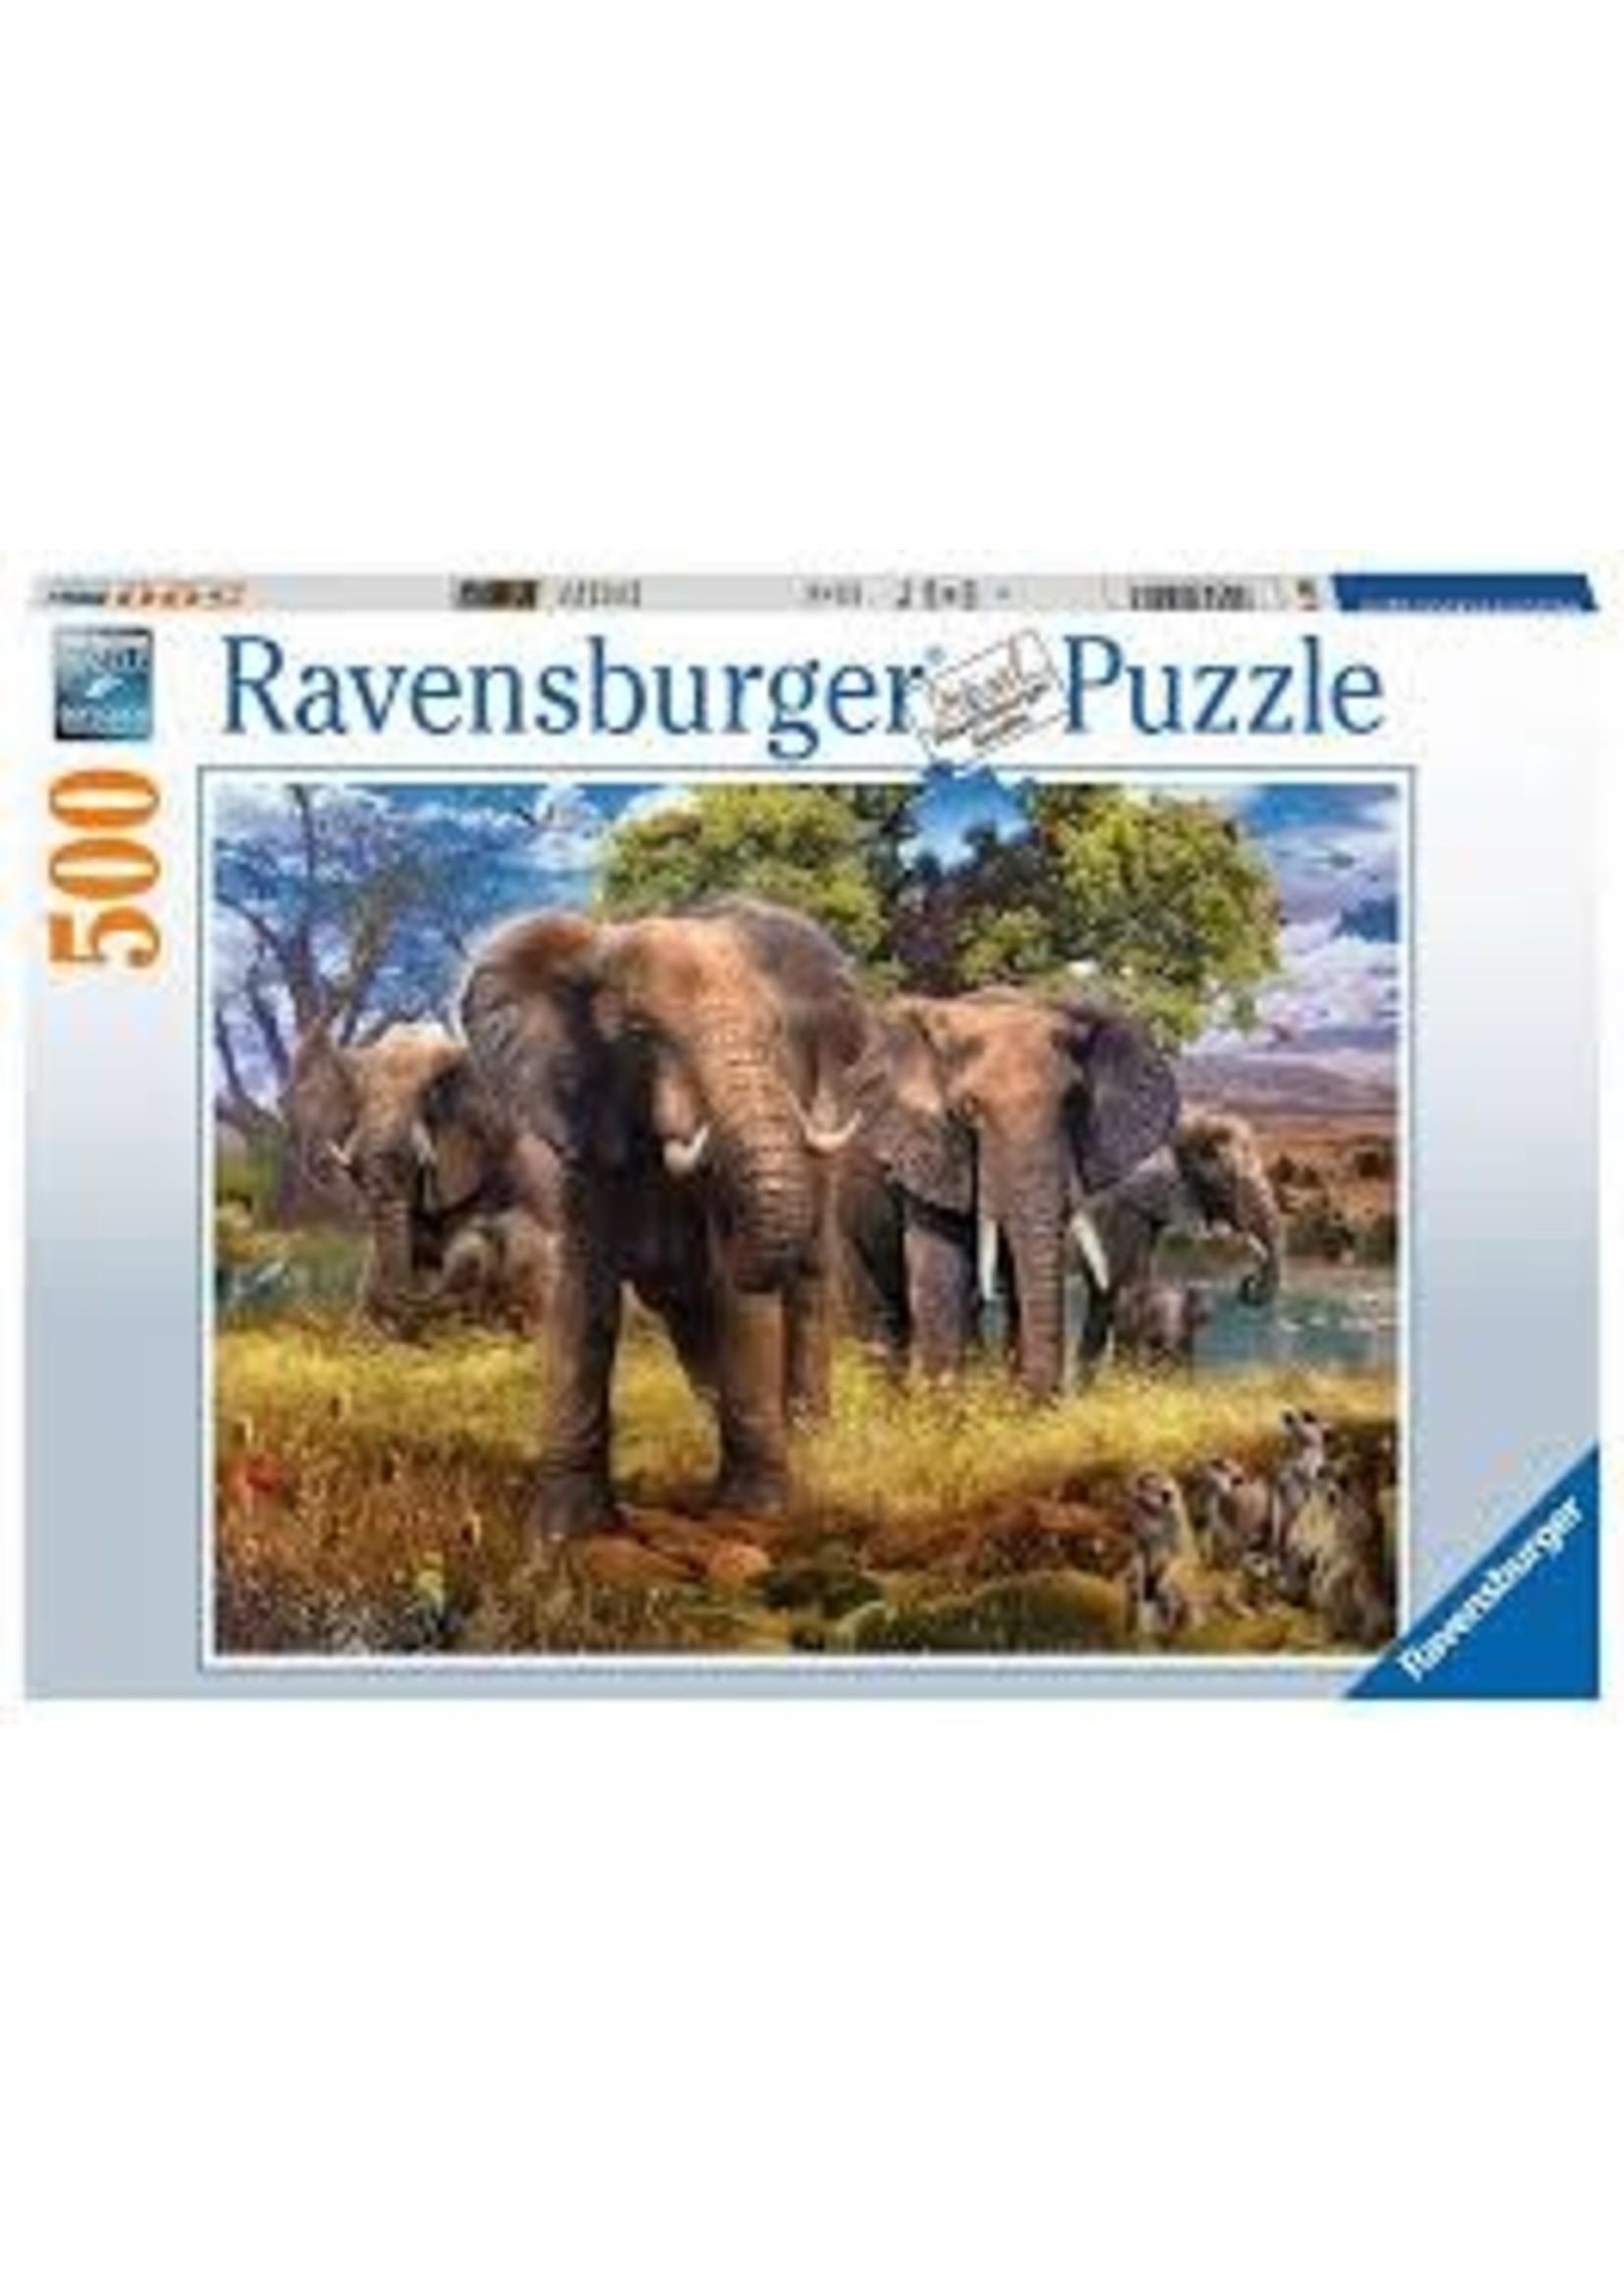 Ravensburger 500pc puzzle Elephant Family